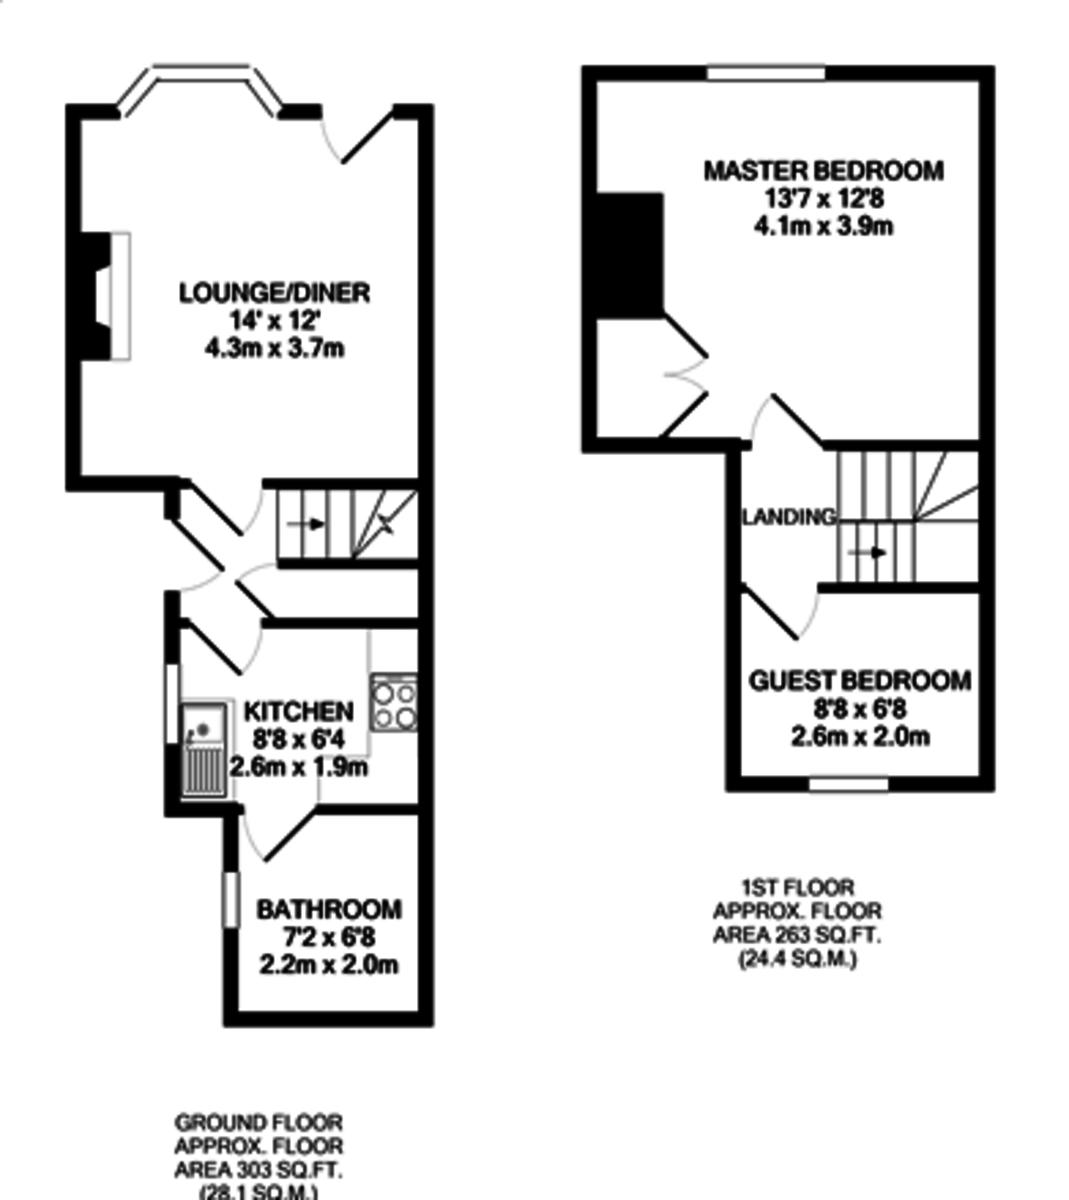 Greenfield Road, Harborne floorplan 1 of 1